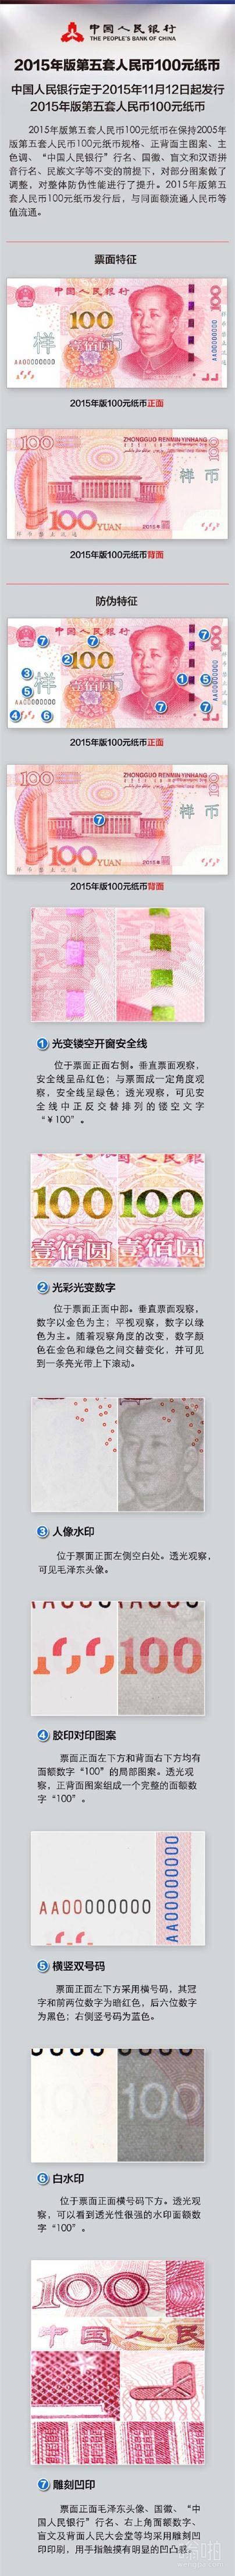 新版百元纸币防伪特征 看看新版土豪金人民币还有啥不一样